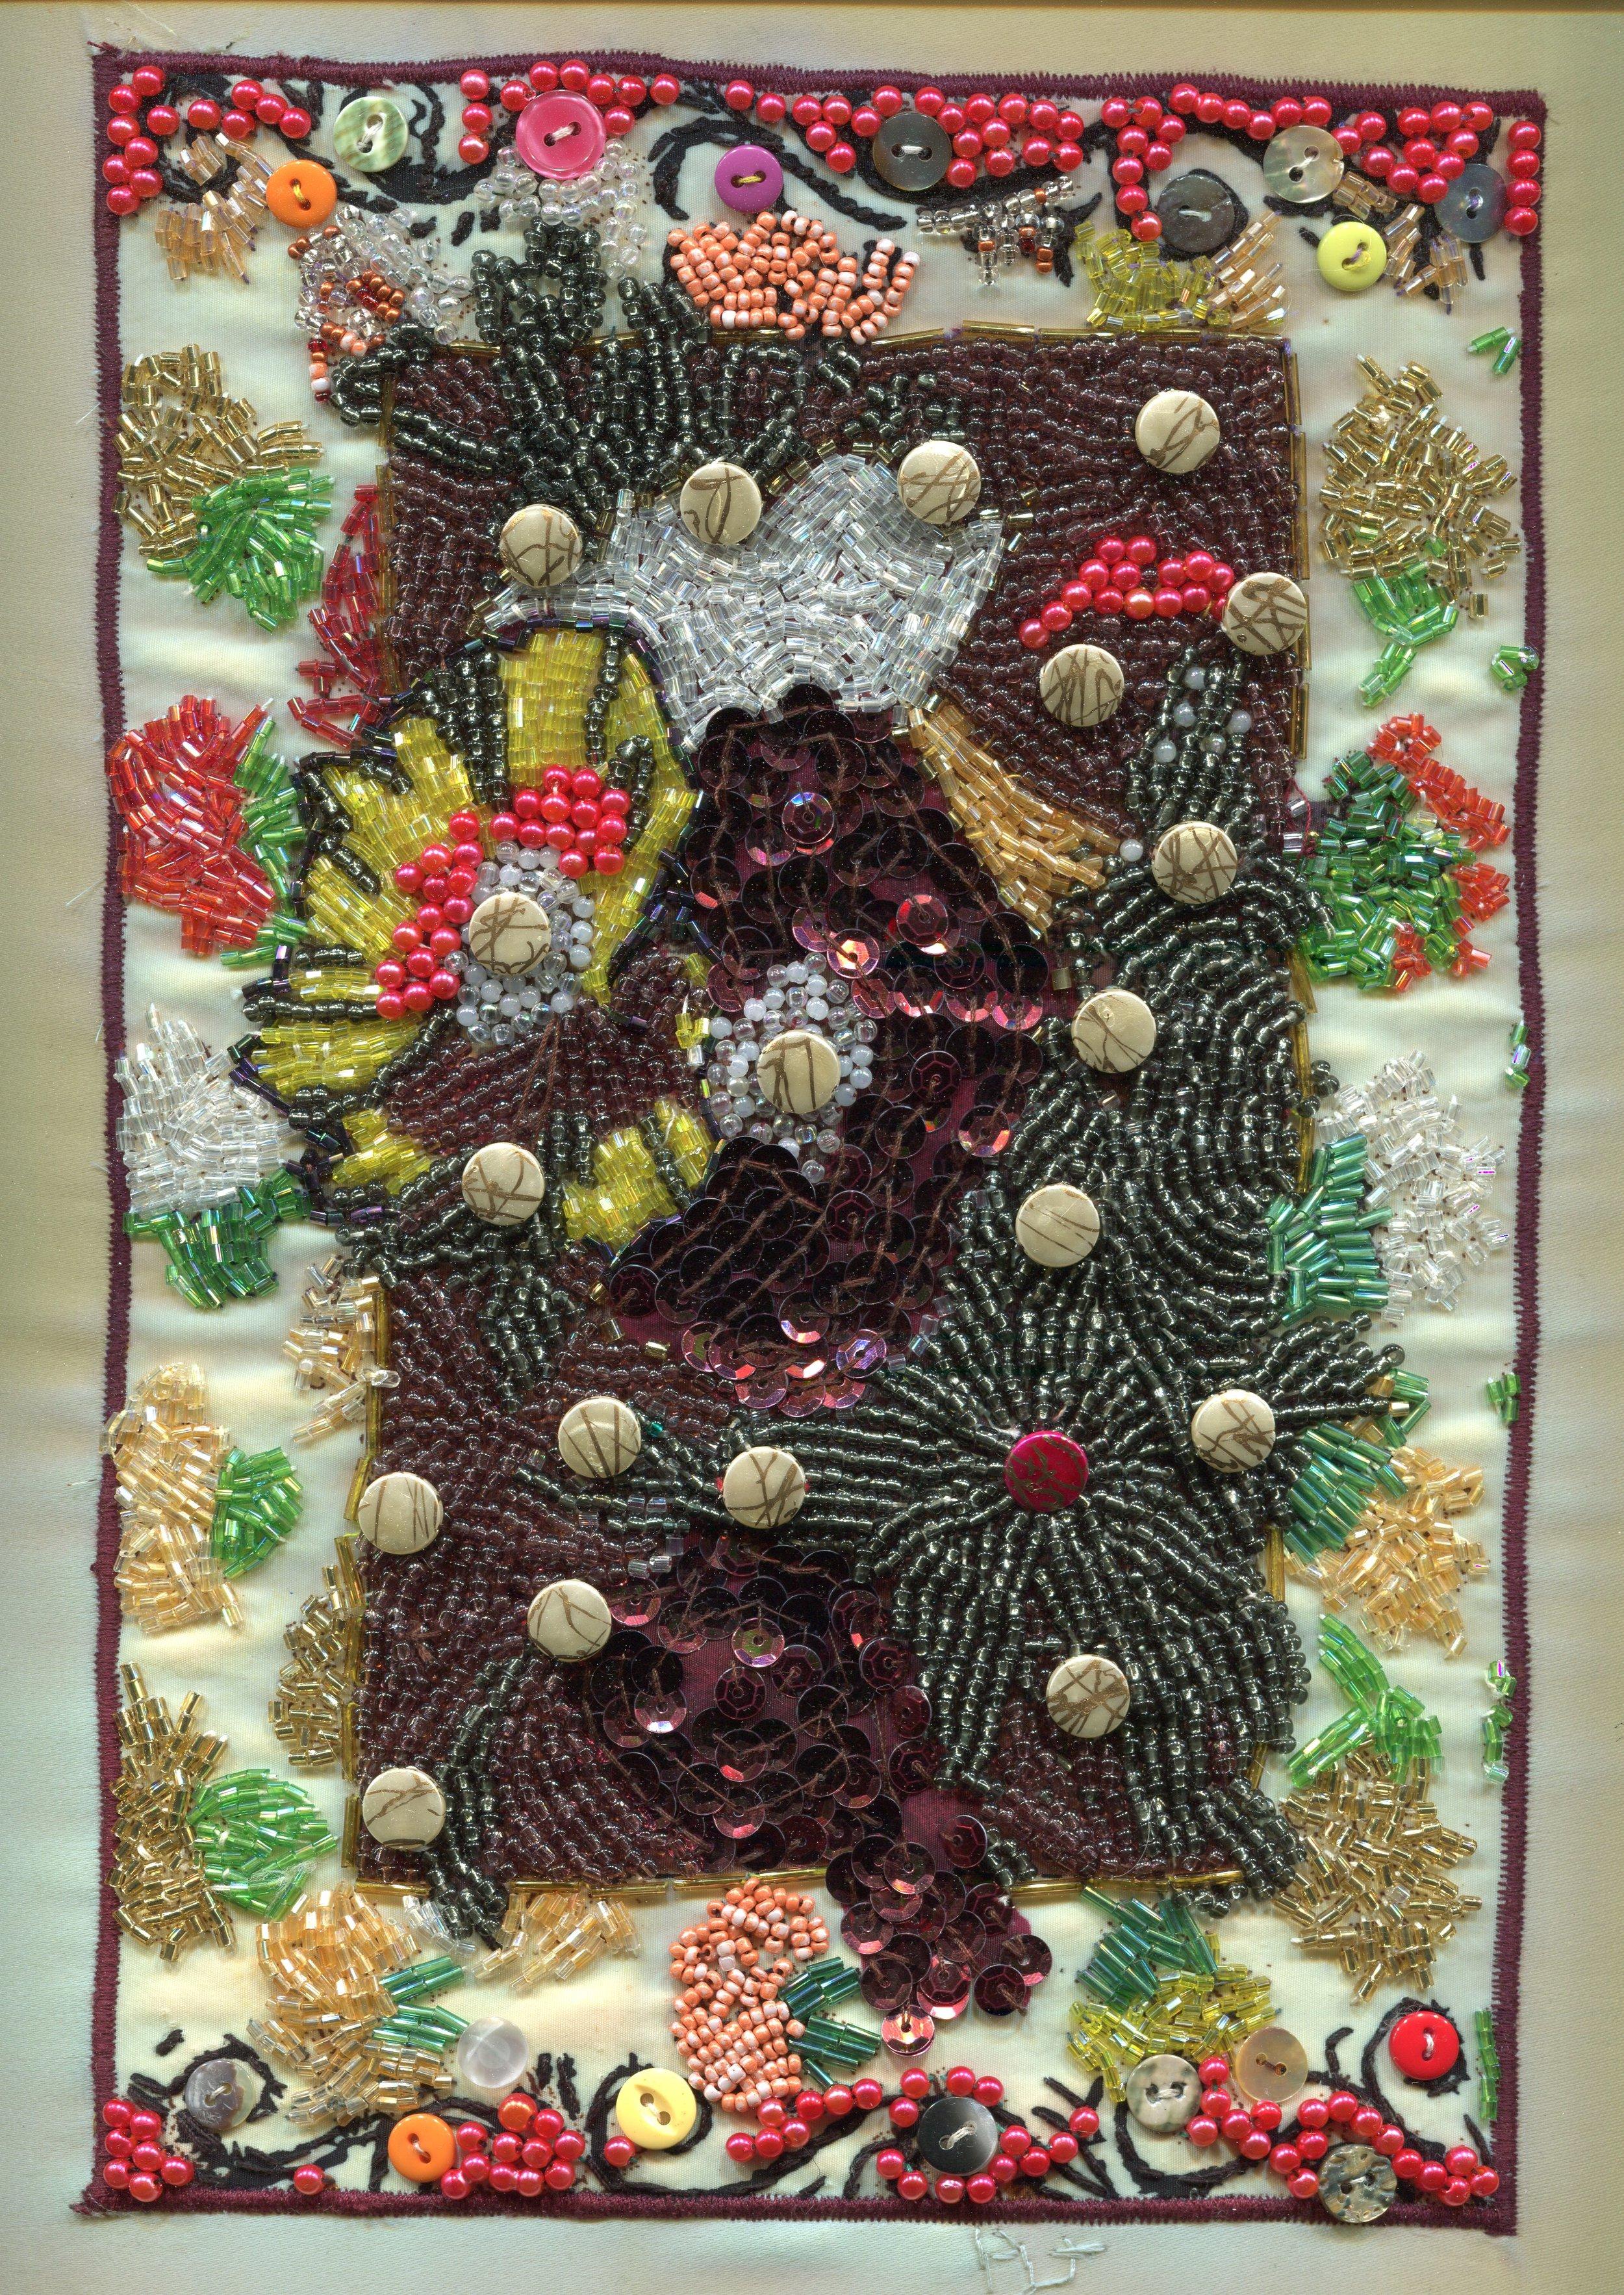 35b  Beauty Sekete  Flower garden  found objects on fabric